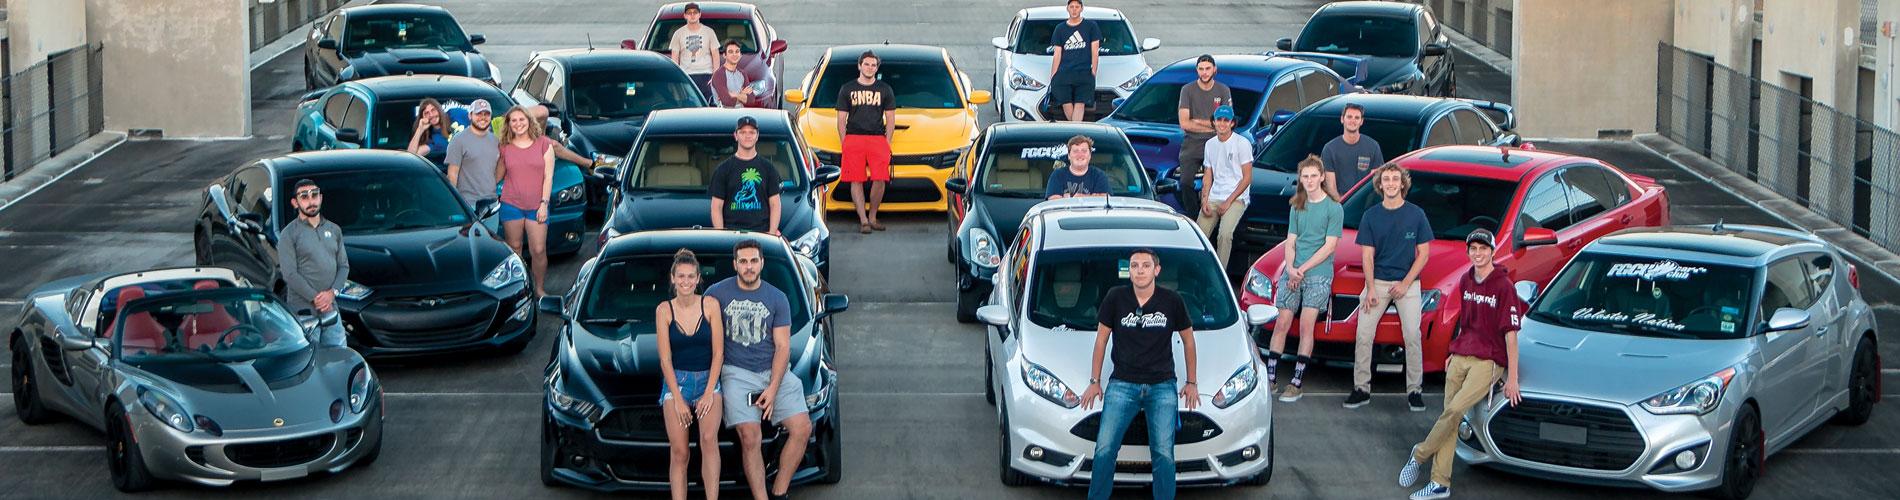 FGCU Car Club